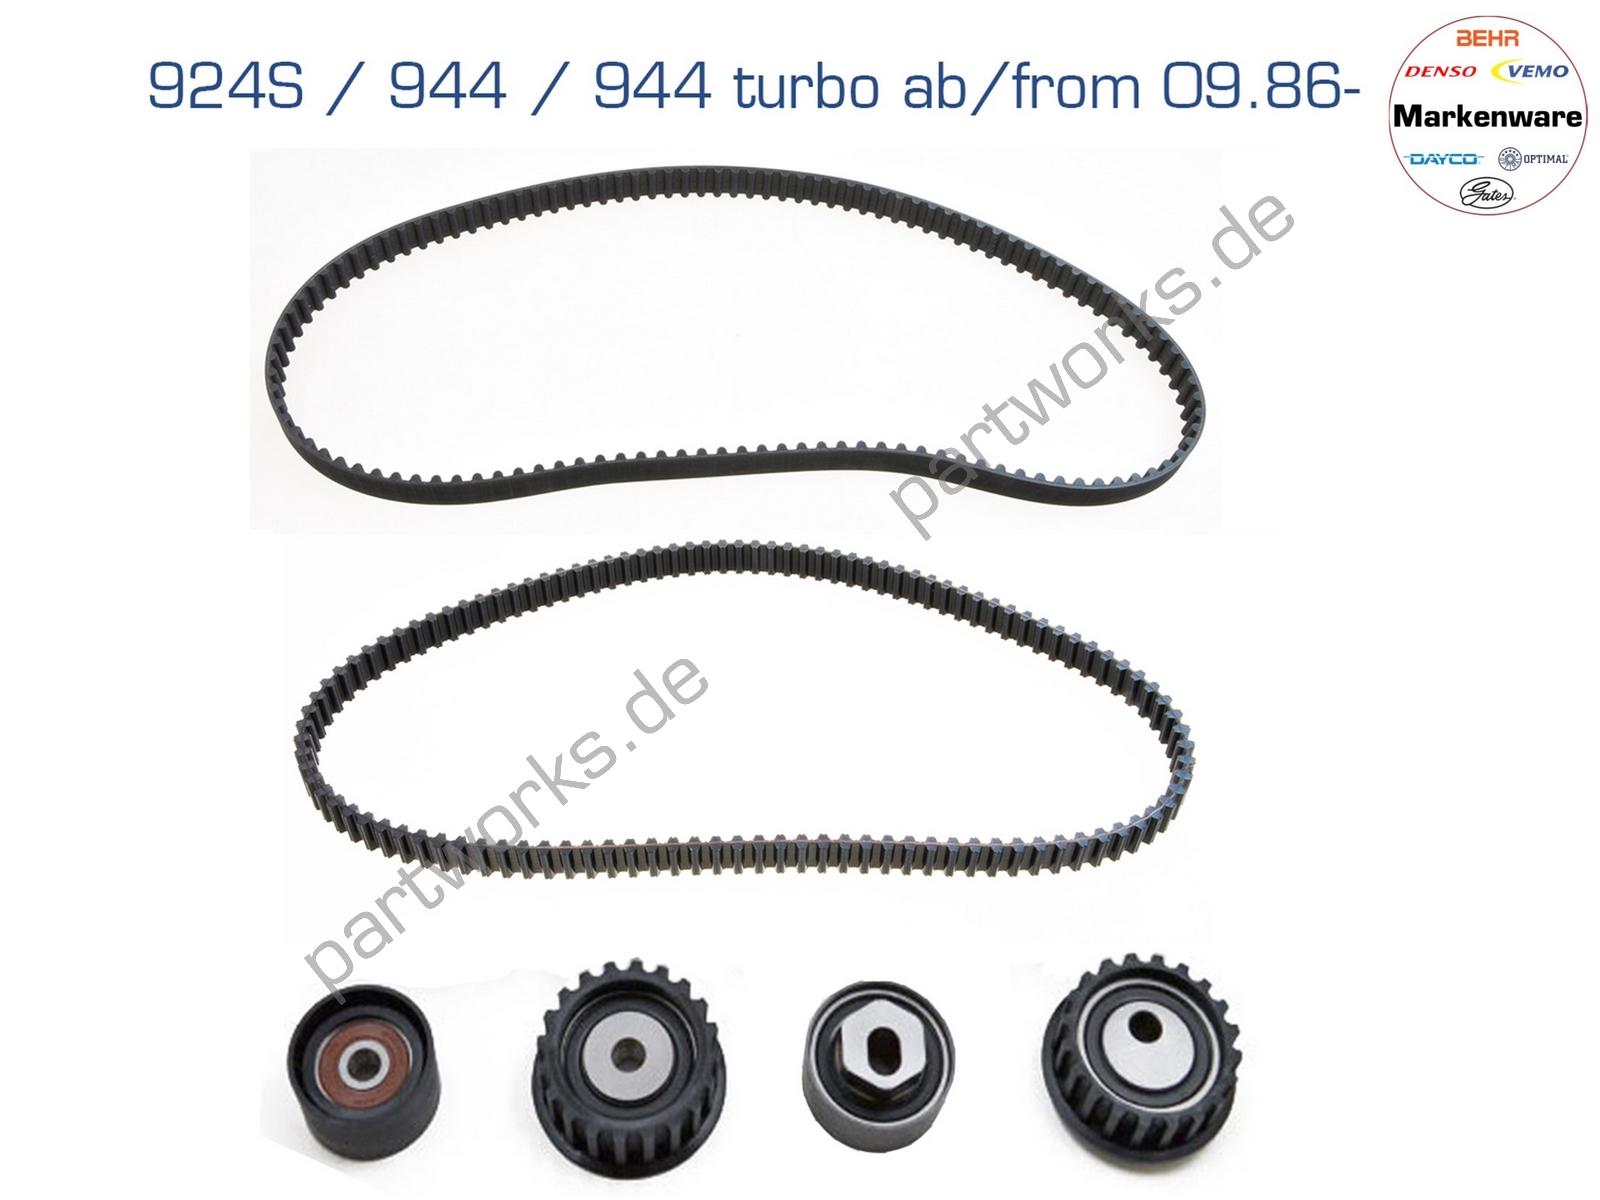 Zahnriemenset für Porsche 924S 944 944 turbo 951 09/87- LC